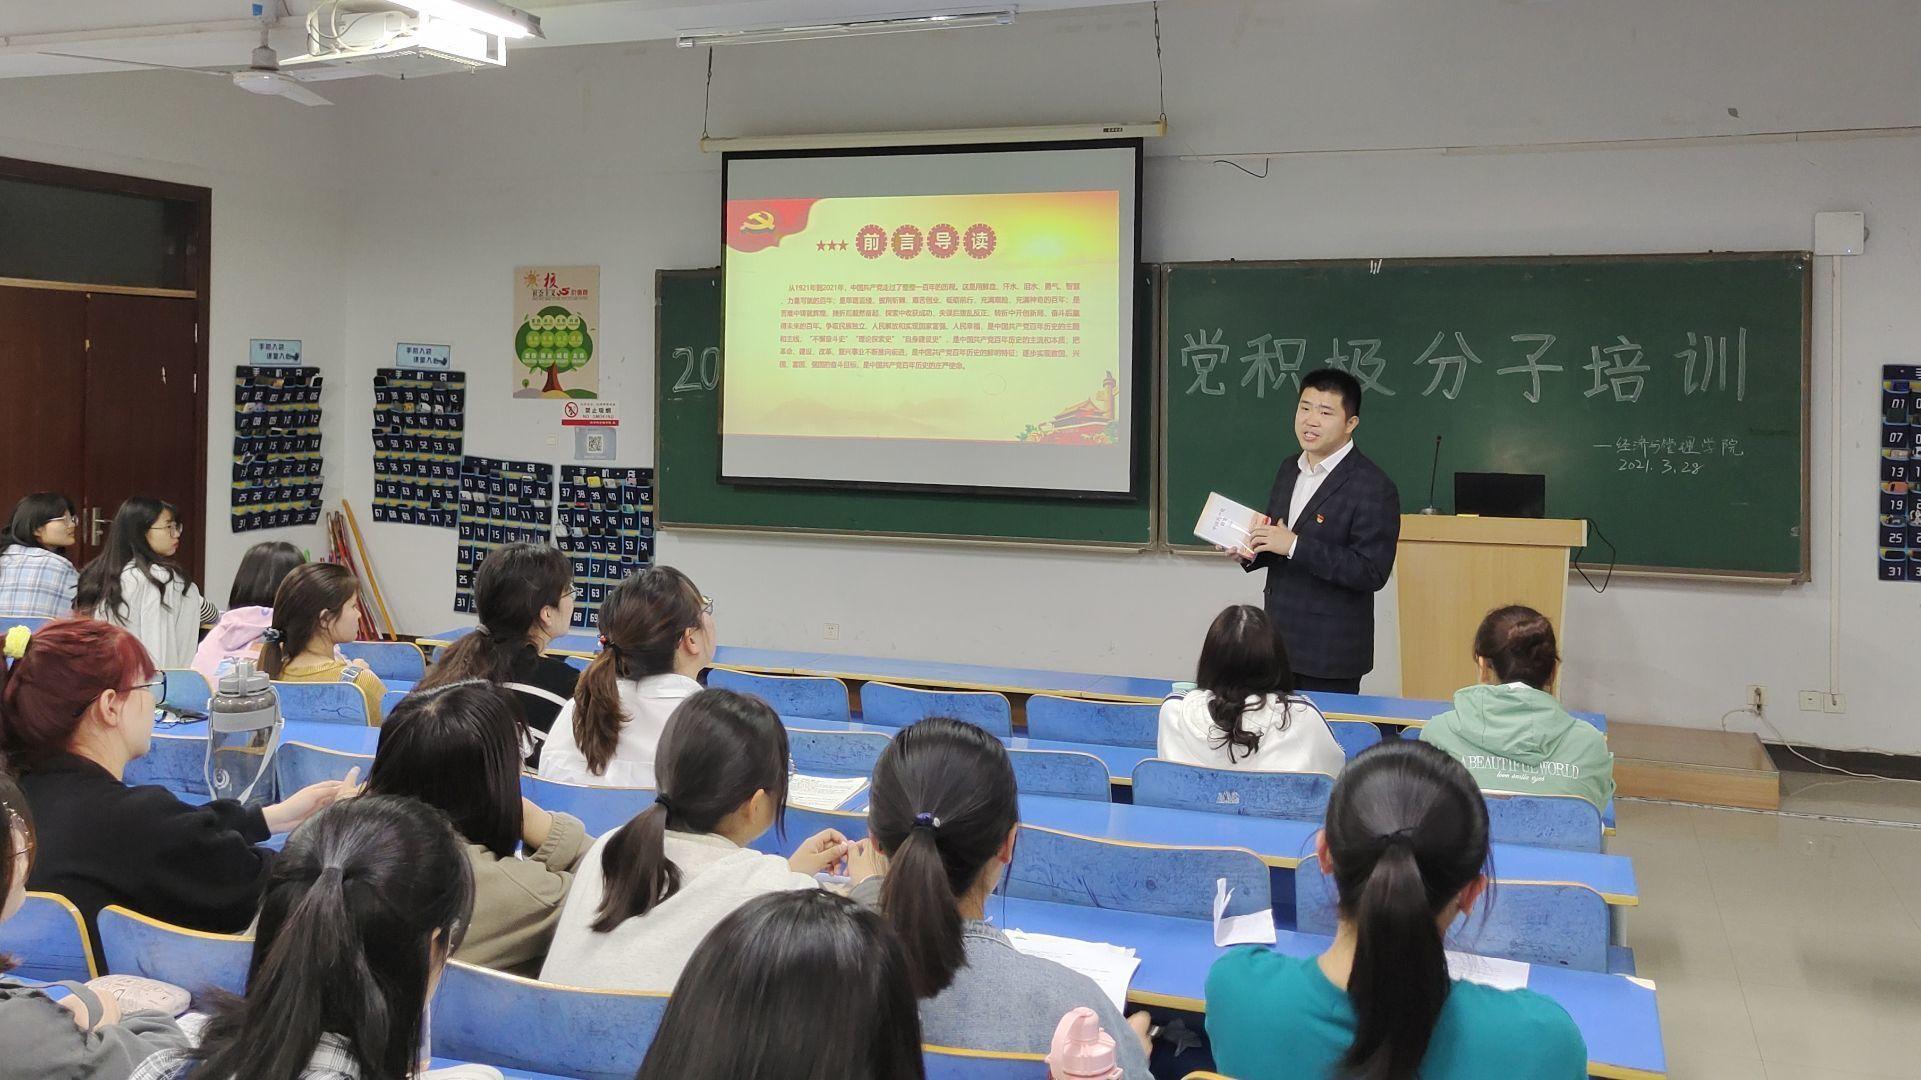 经济与管理学院党委副书记唐福永讲《党的光辉历程》